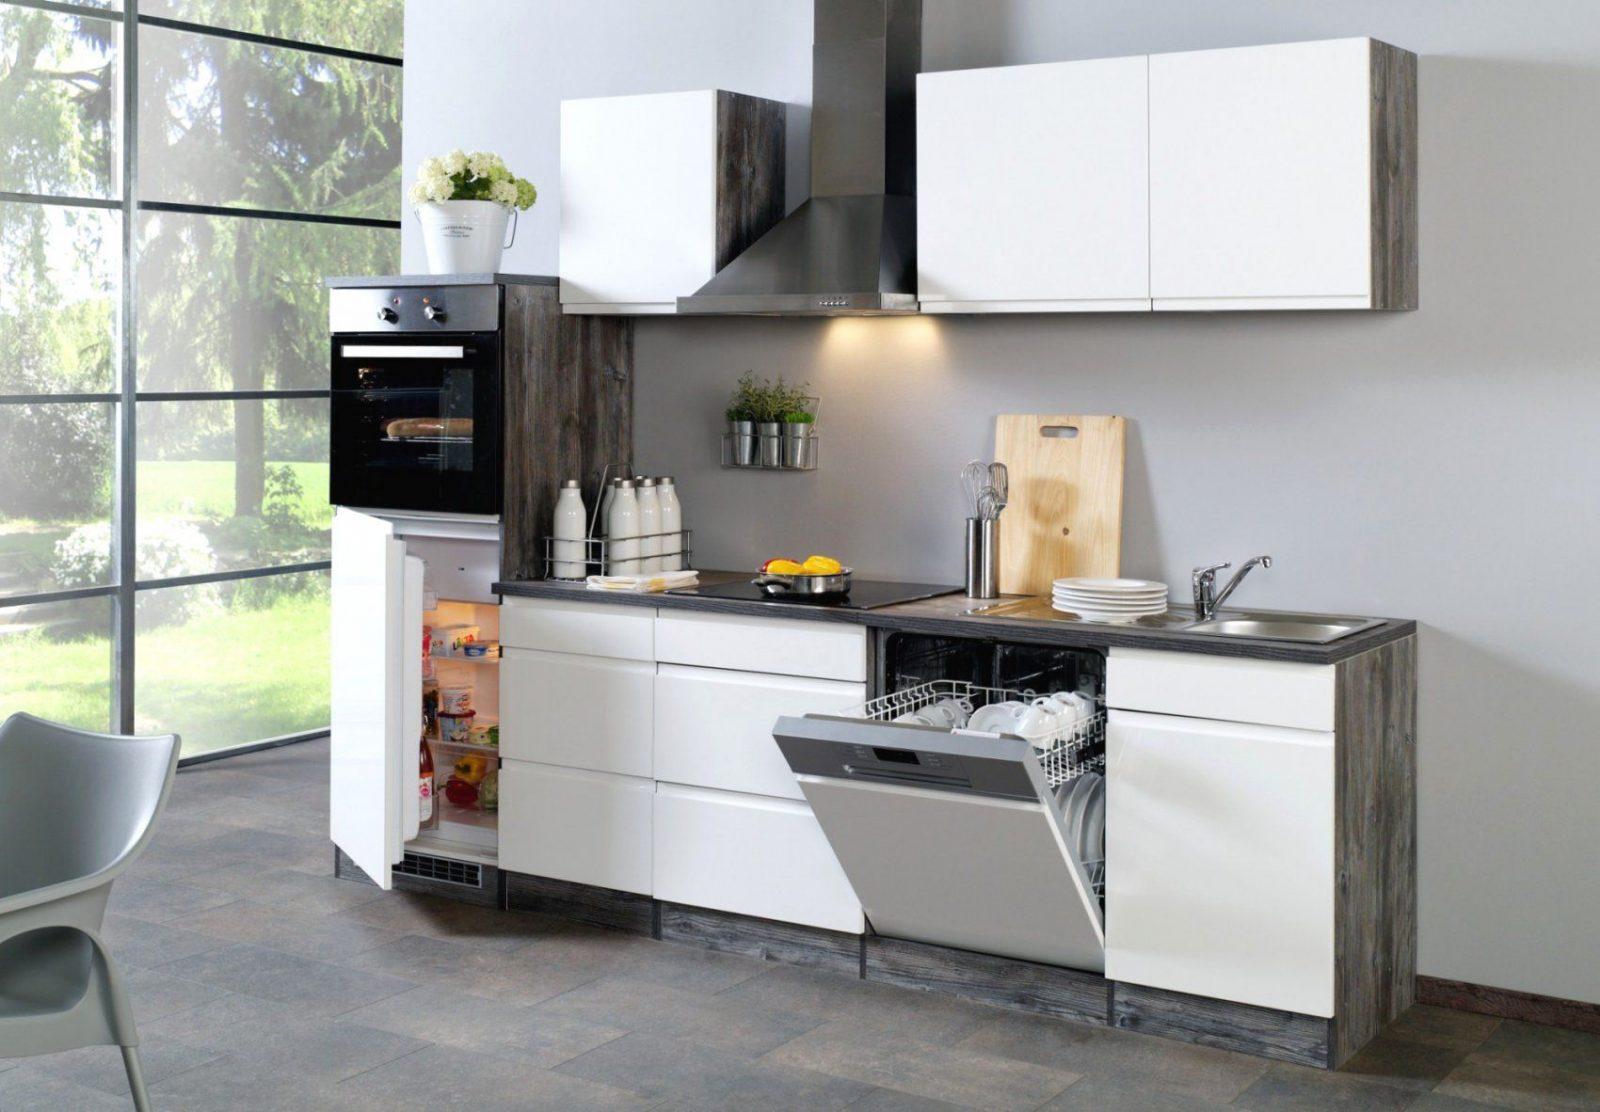 Angenehme Ideen Küche Mit E Geräten Günstig Und Wunderbare von Küchen Günstig Mit E Geräten Photo